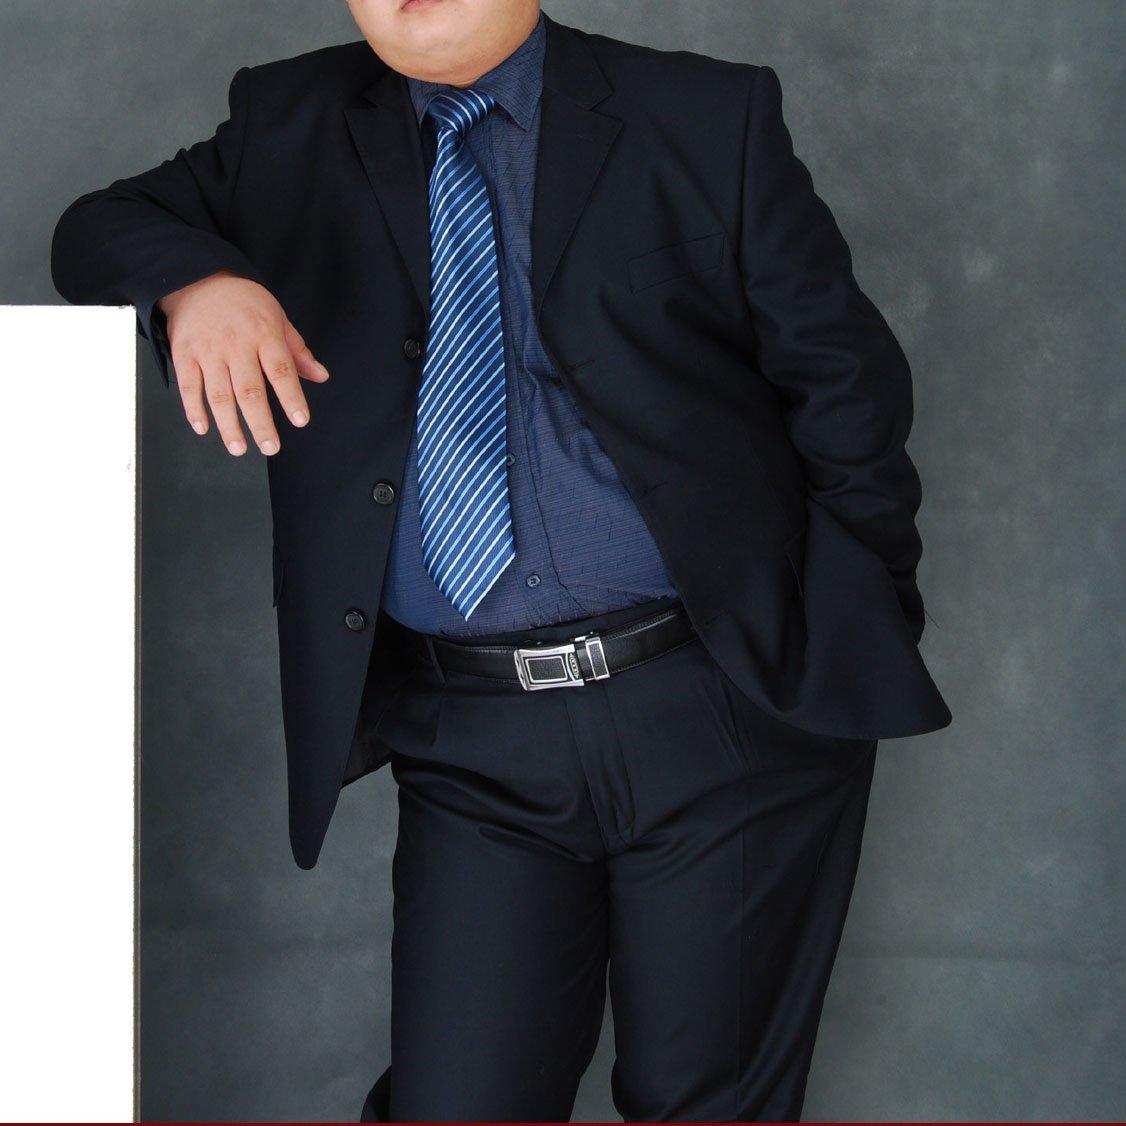 Odelo - Odela - Za - Punije #529 - Odelo, odela, za, maturu, 2016, 2017, punije, visoke, niske, muskarce, vencanje, svadbu, slike, maturu, malu, veliku, saner, saneri, brendirano, materijal, braon, krem, sako, sakoi, elegantno, svecano, beograd